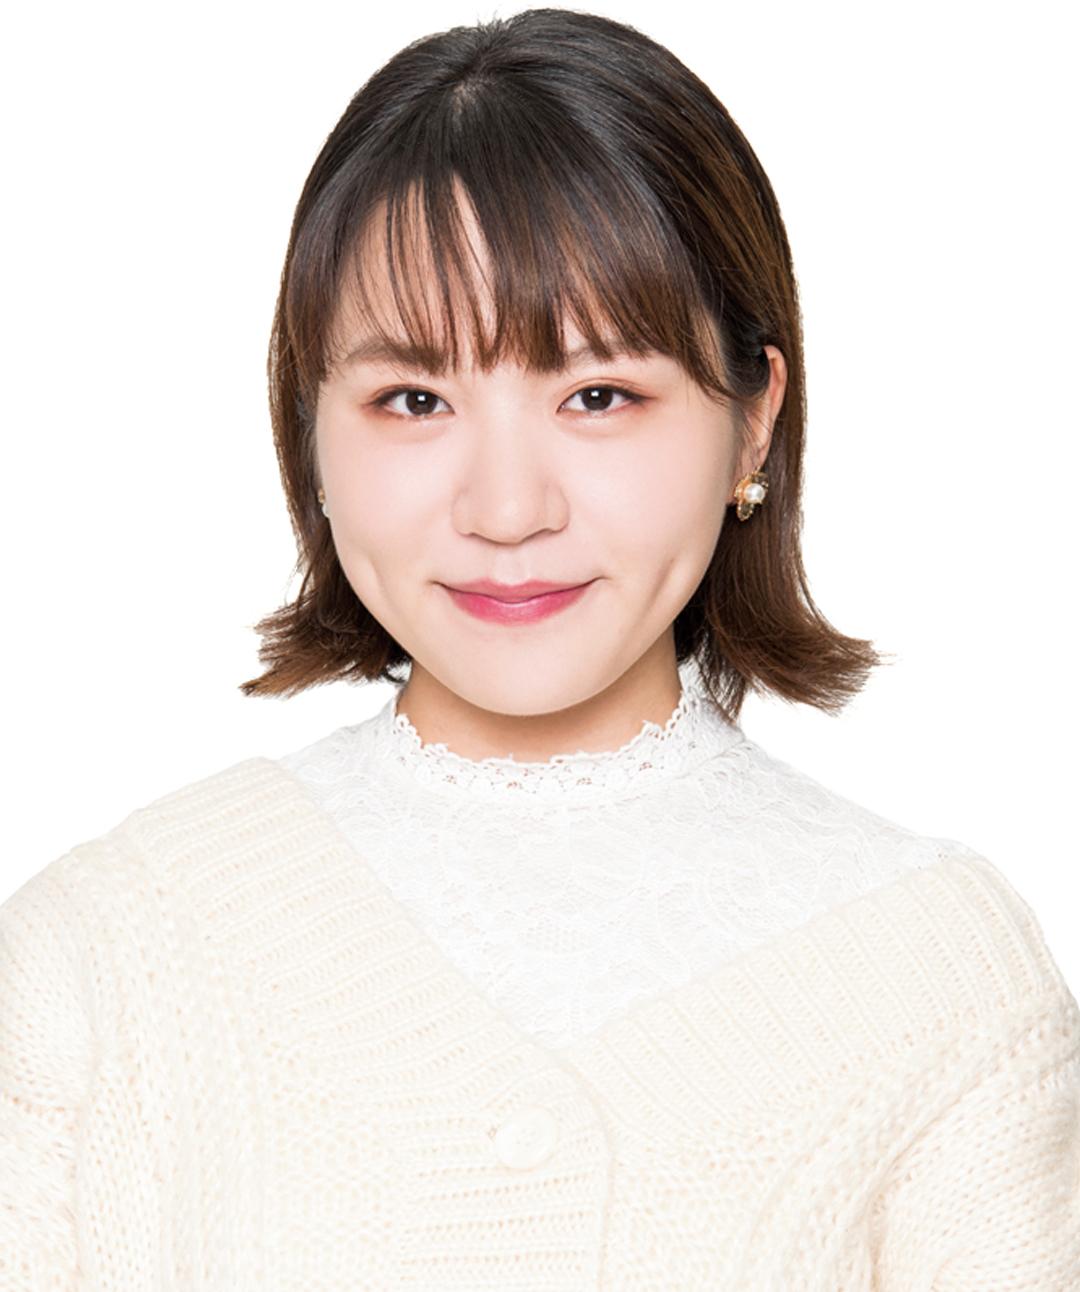 祝♡ 新加入! 5期生のブログをまとめてチェック【カワイイ選抜】_1_13-25